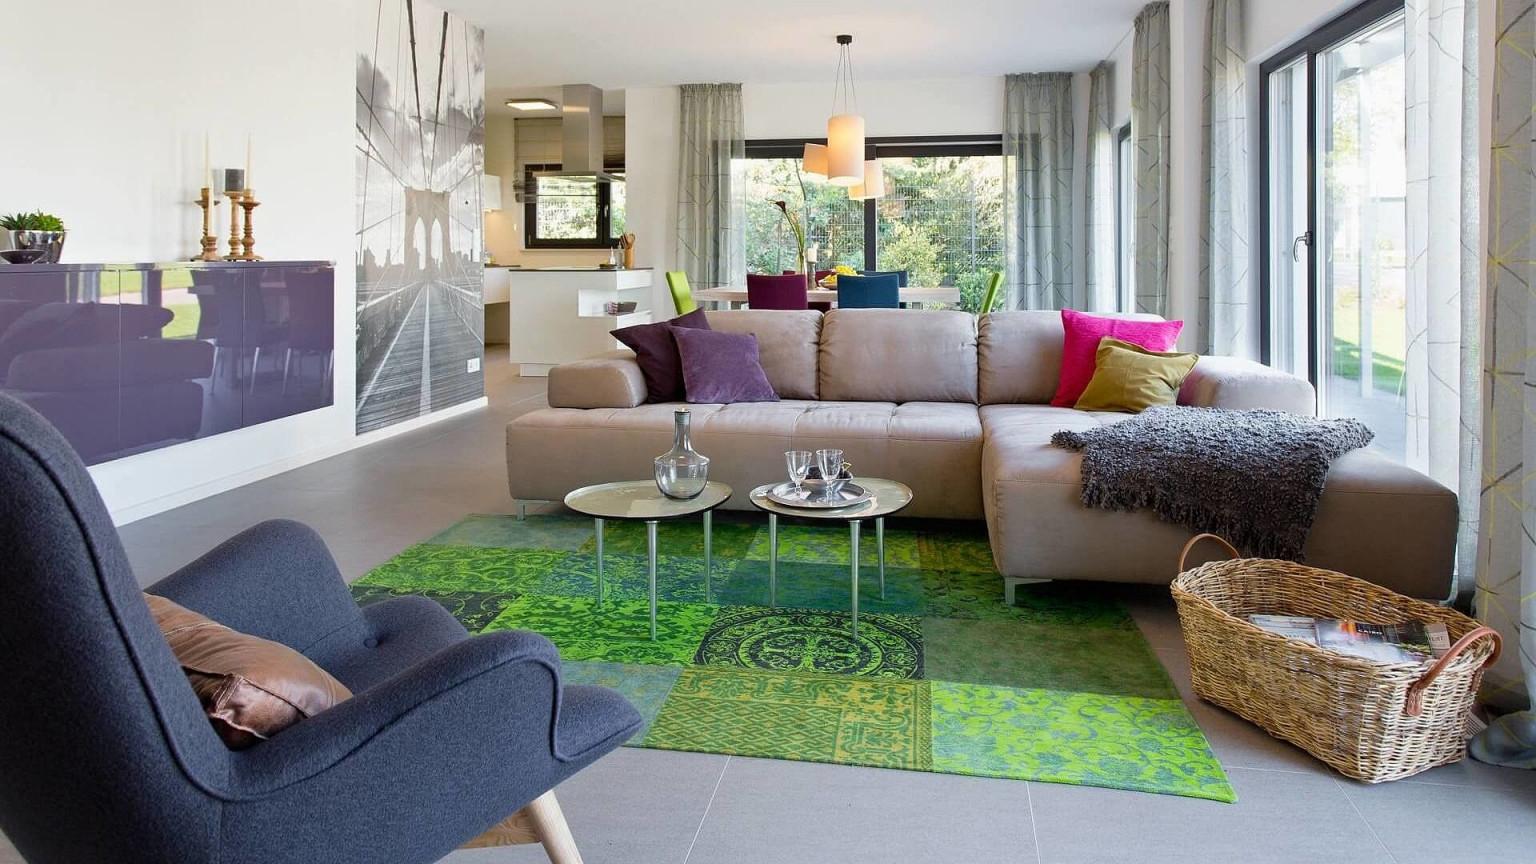 Wohnzimmer Helle Wände Bodentiefe Fenster Grüner Teppich von Grüner Teppich Wohnzimmer Bild